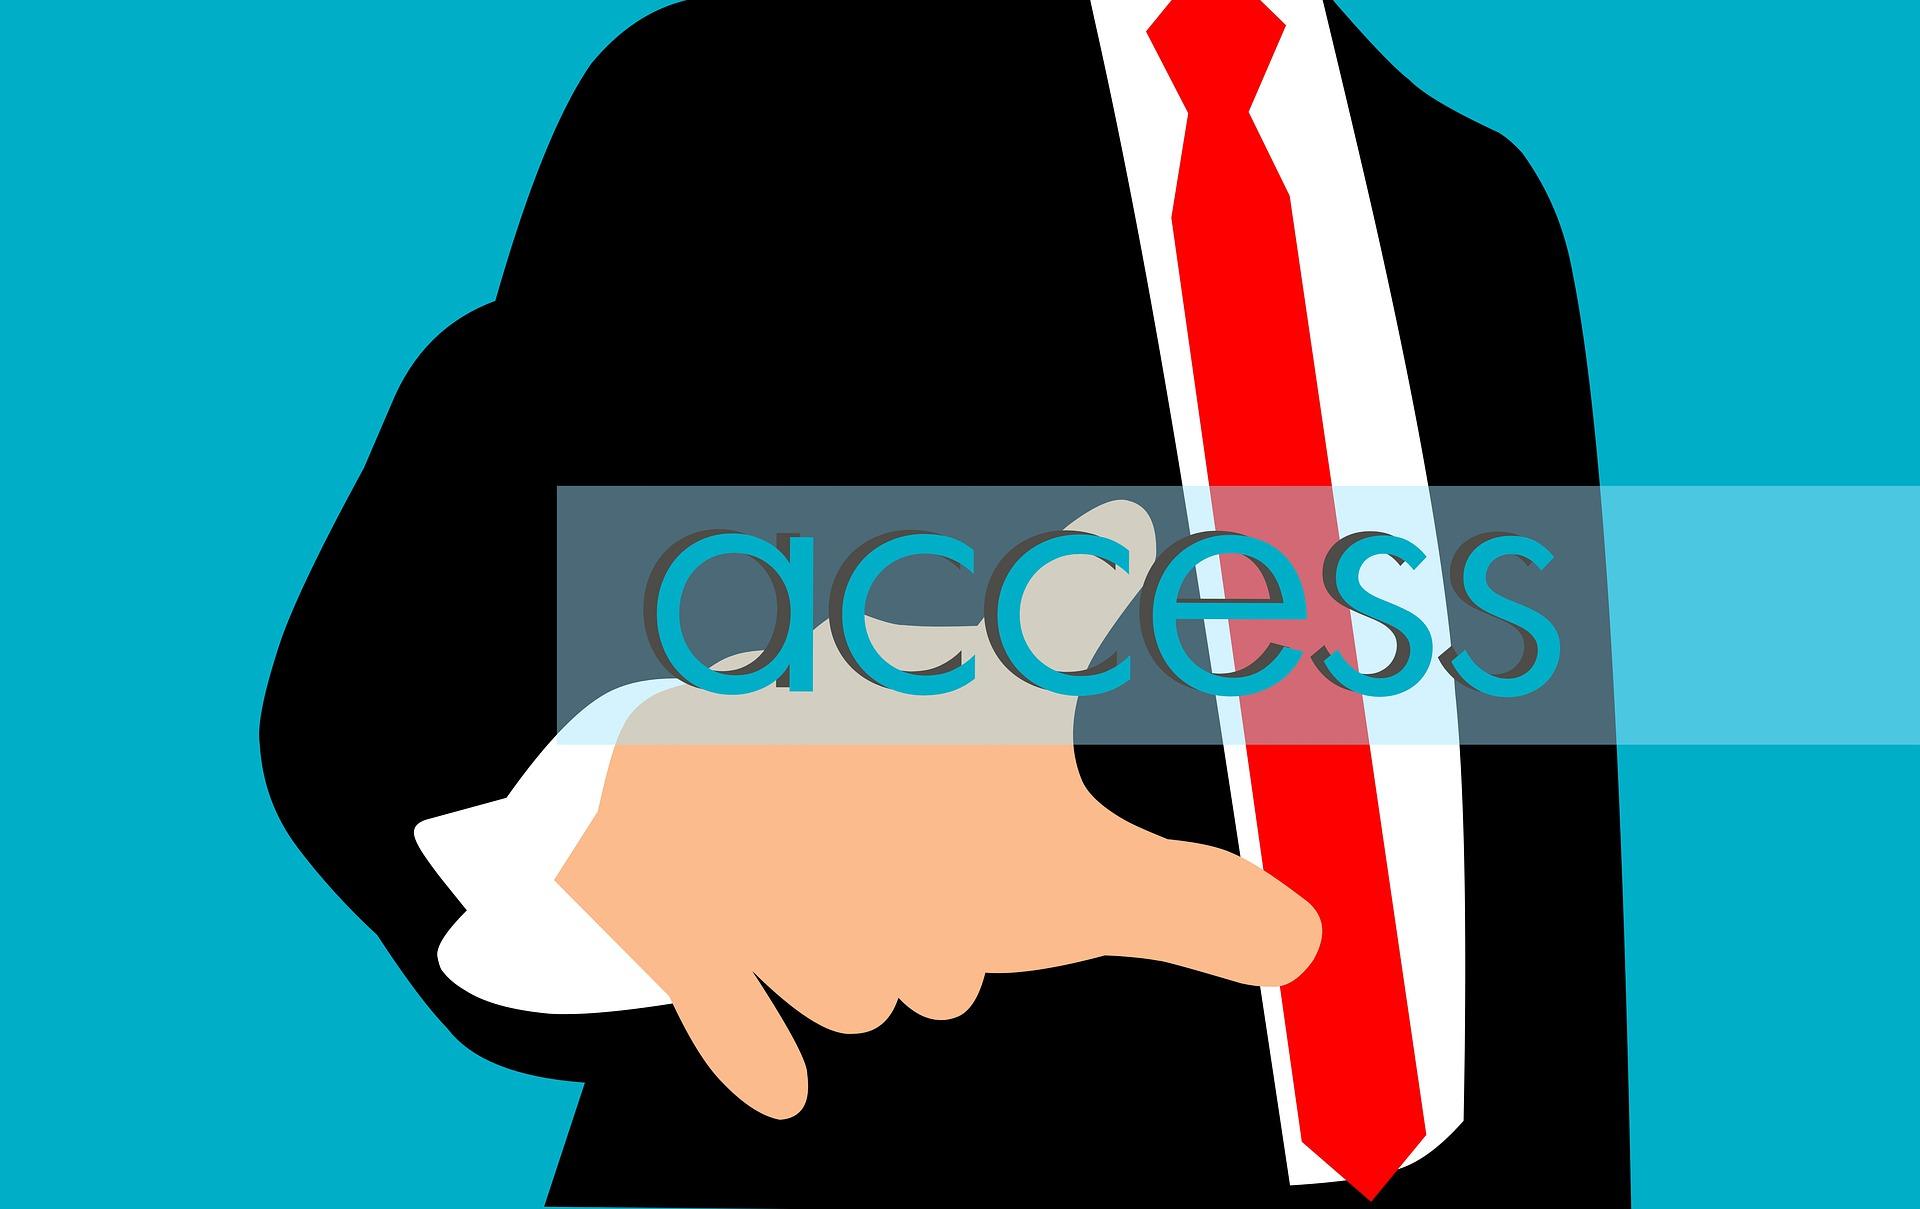 represent access control